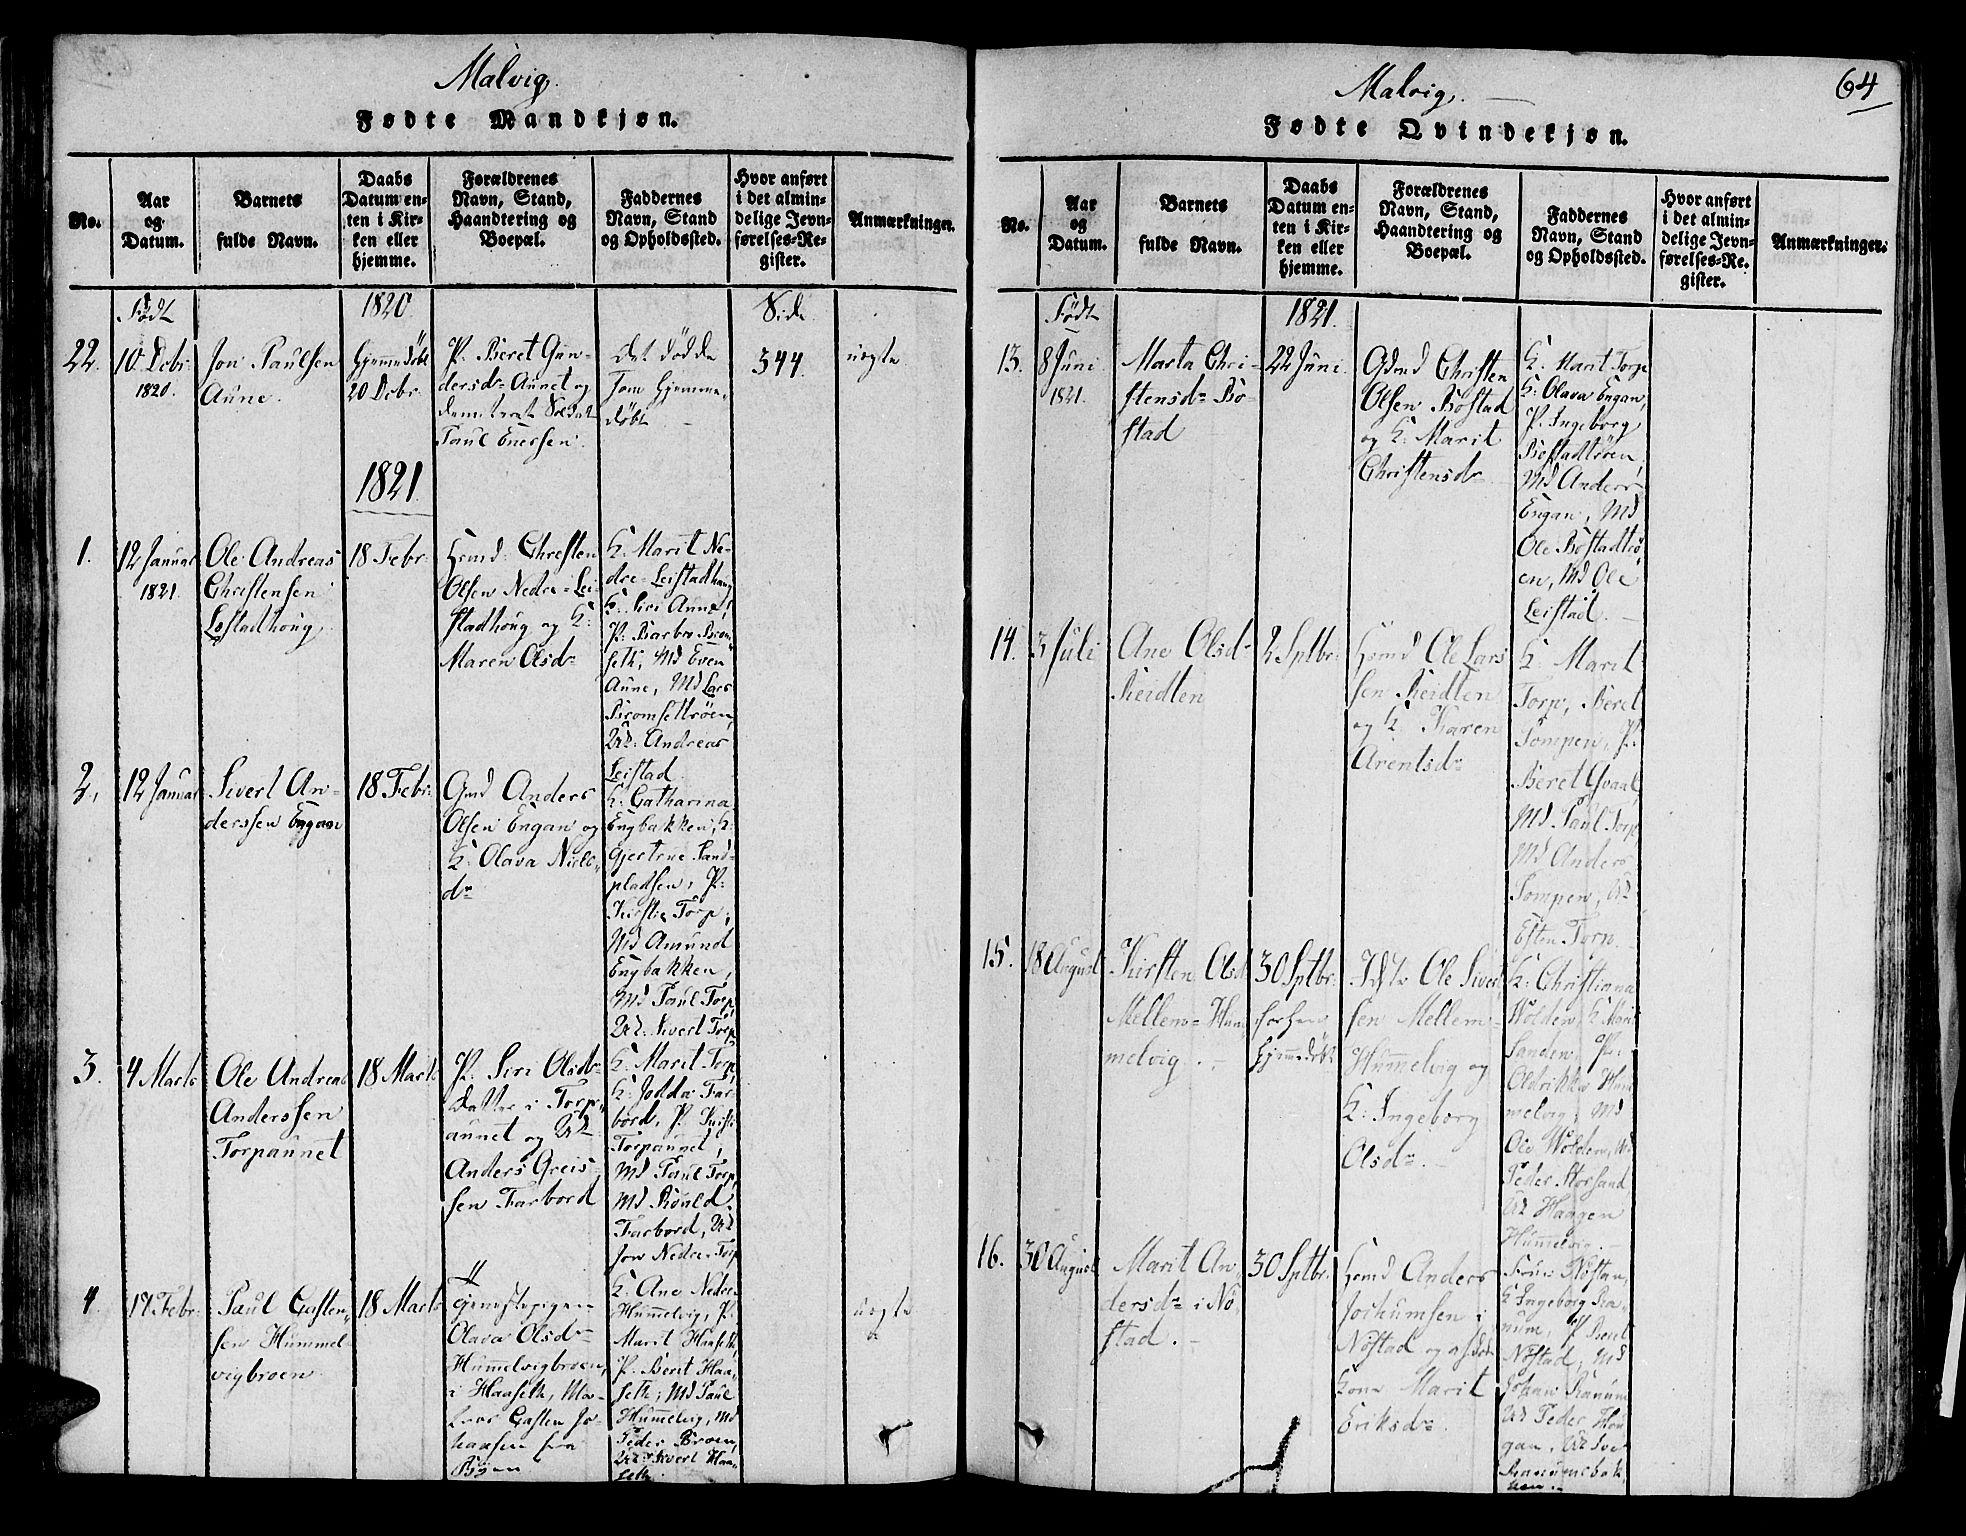 SAT, Ministerialprotokoller, klokkerbøker og fødselsregistre - Sør-Trøndelag, 606/L0284: Ministerialbok nr. 606A03 /2, 1819-1823, s. 64